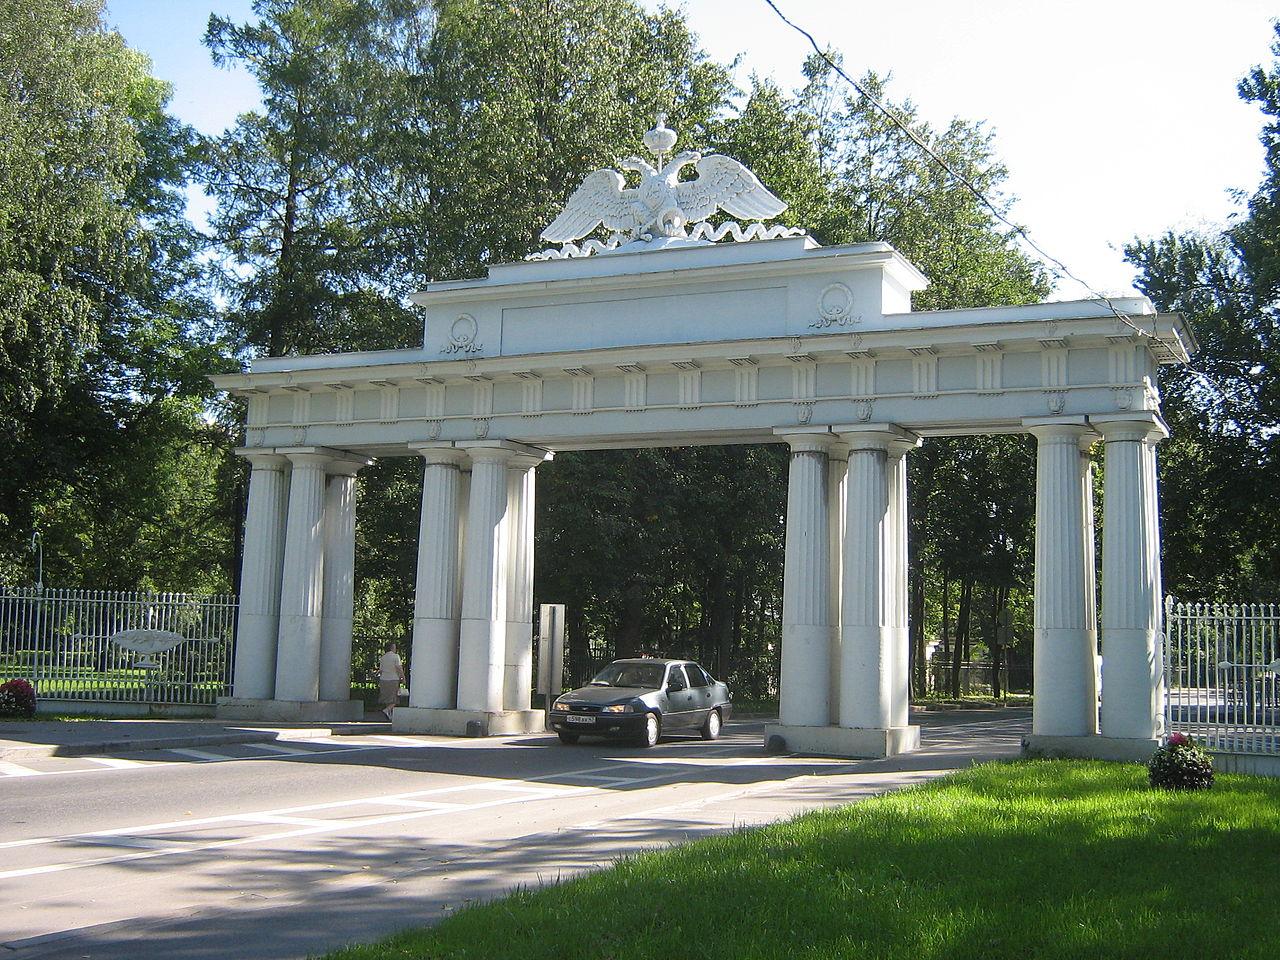 Николаевские (Чугунные) ворота (Павловск)